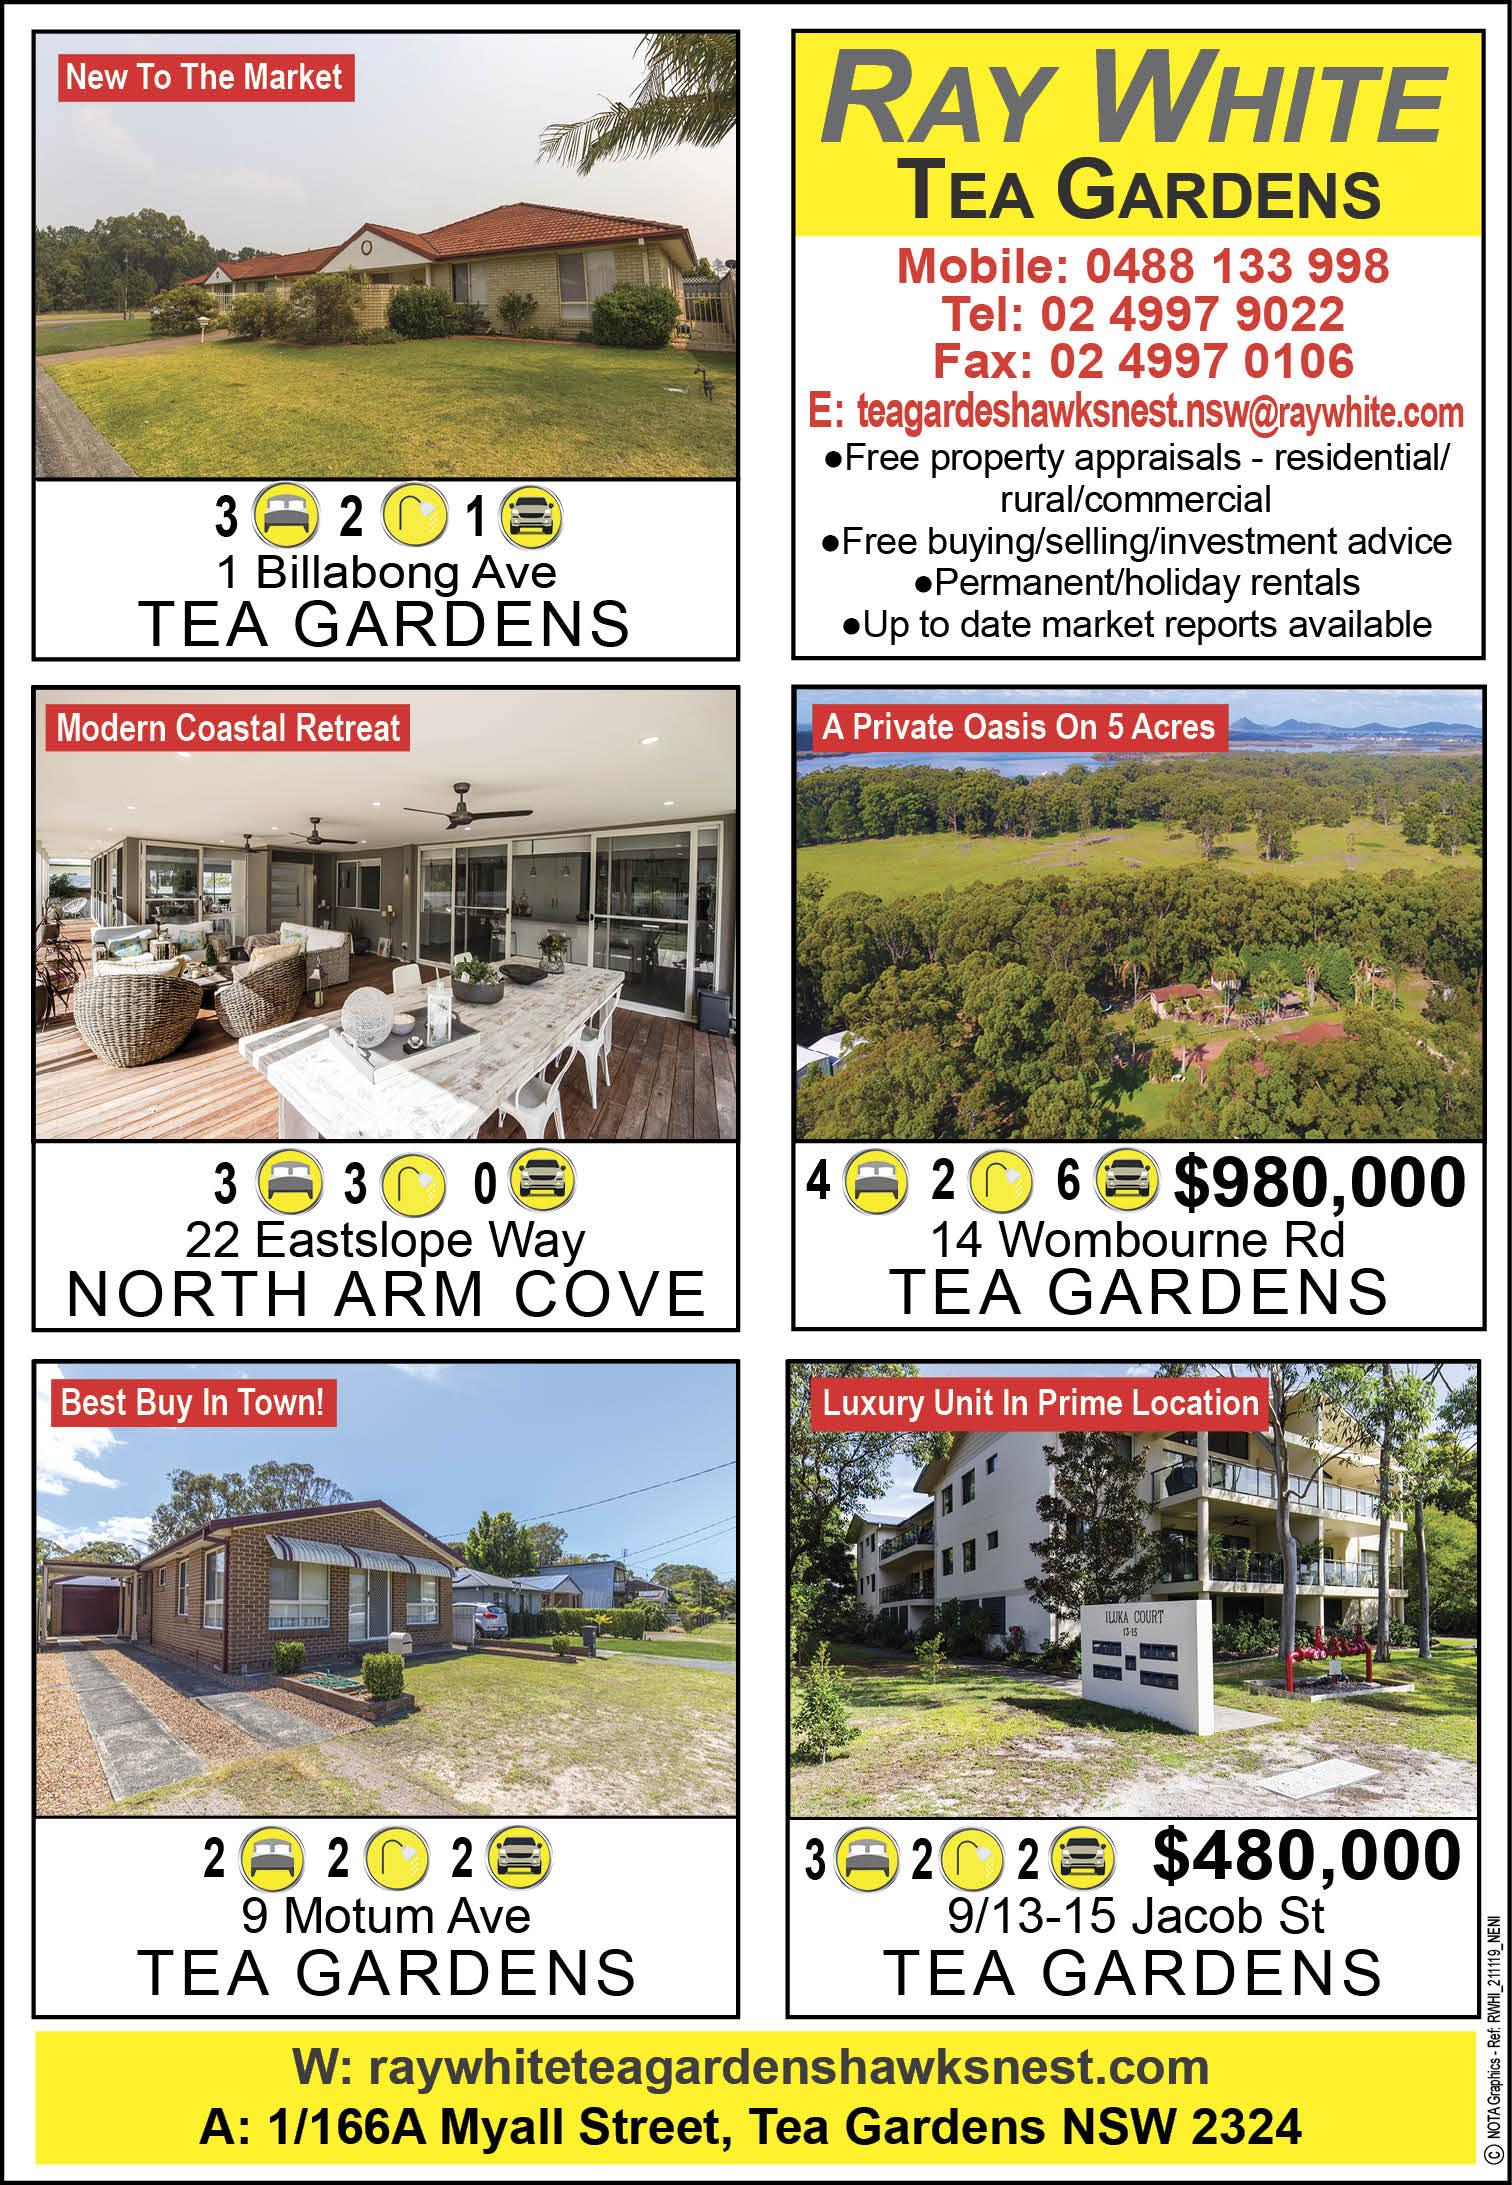 Ray White Real Estate Tea Gardens